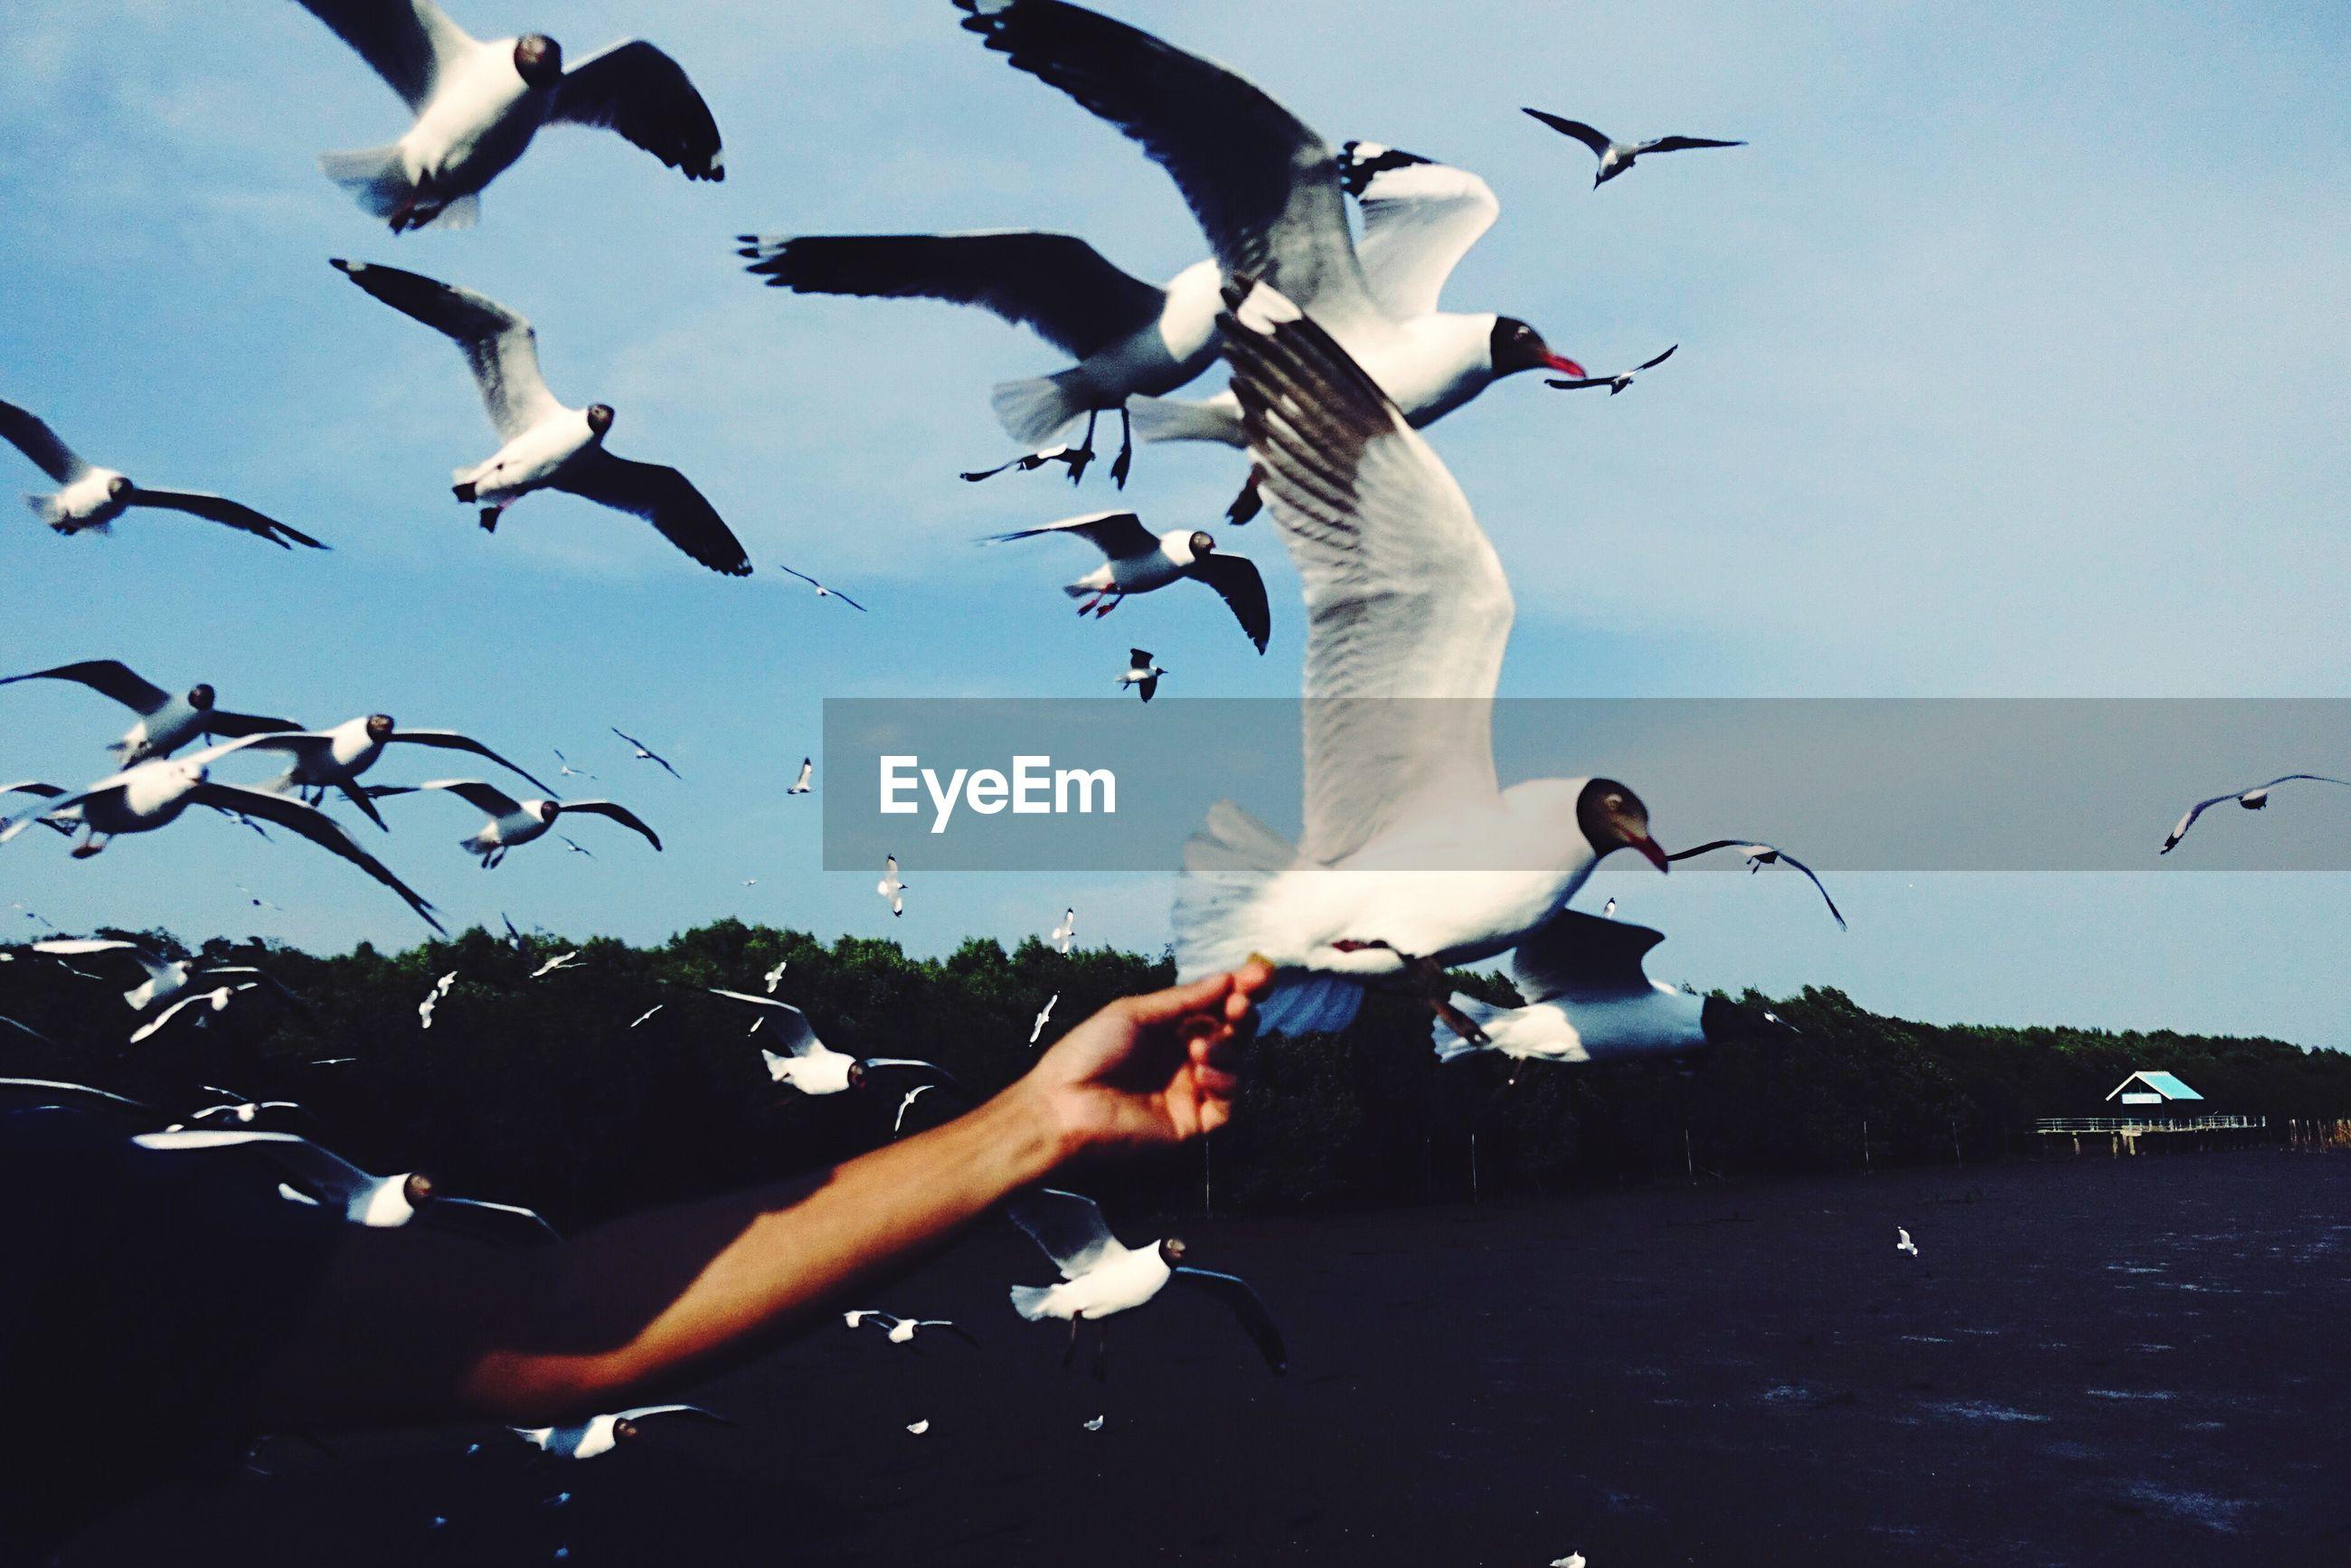 Seagulls flying against sky